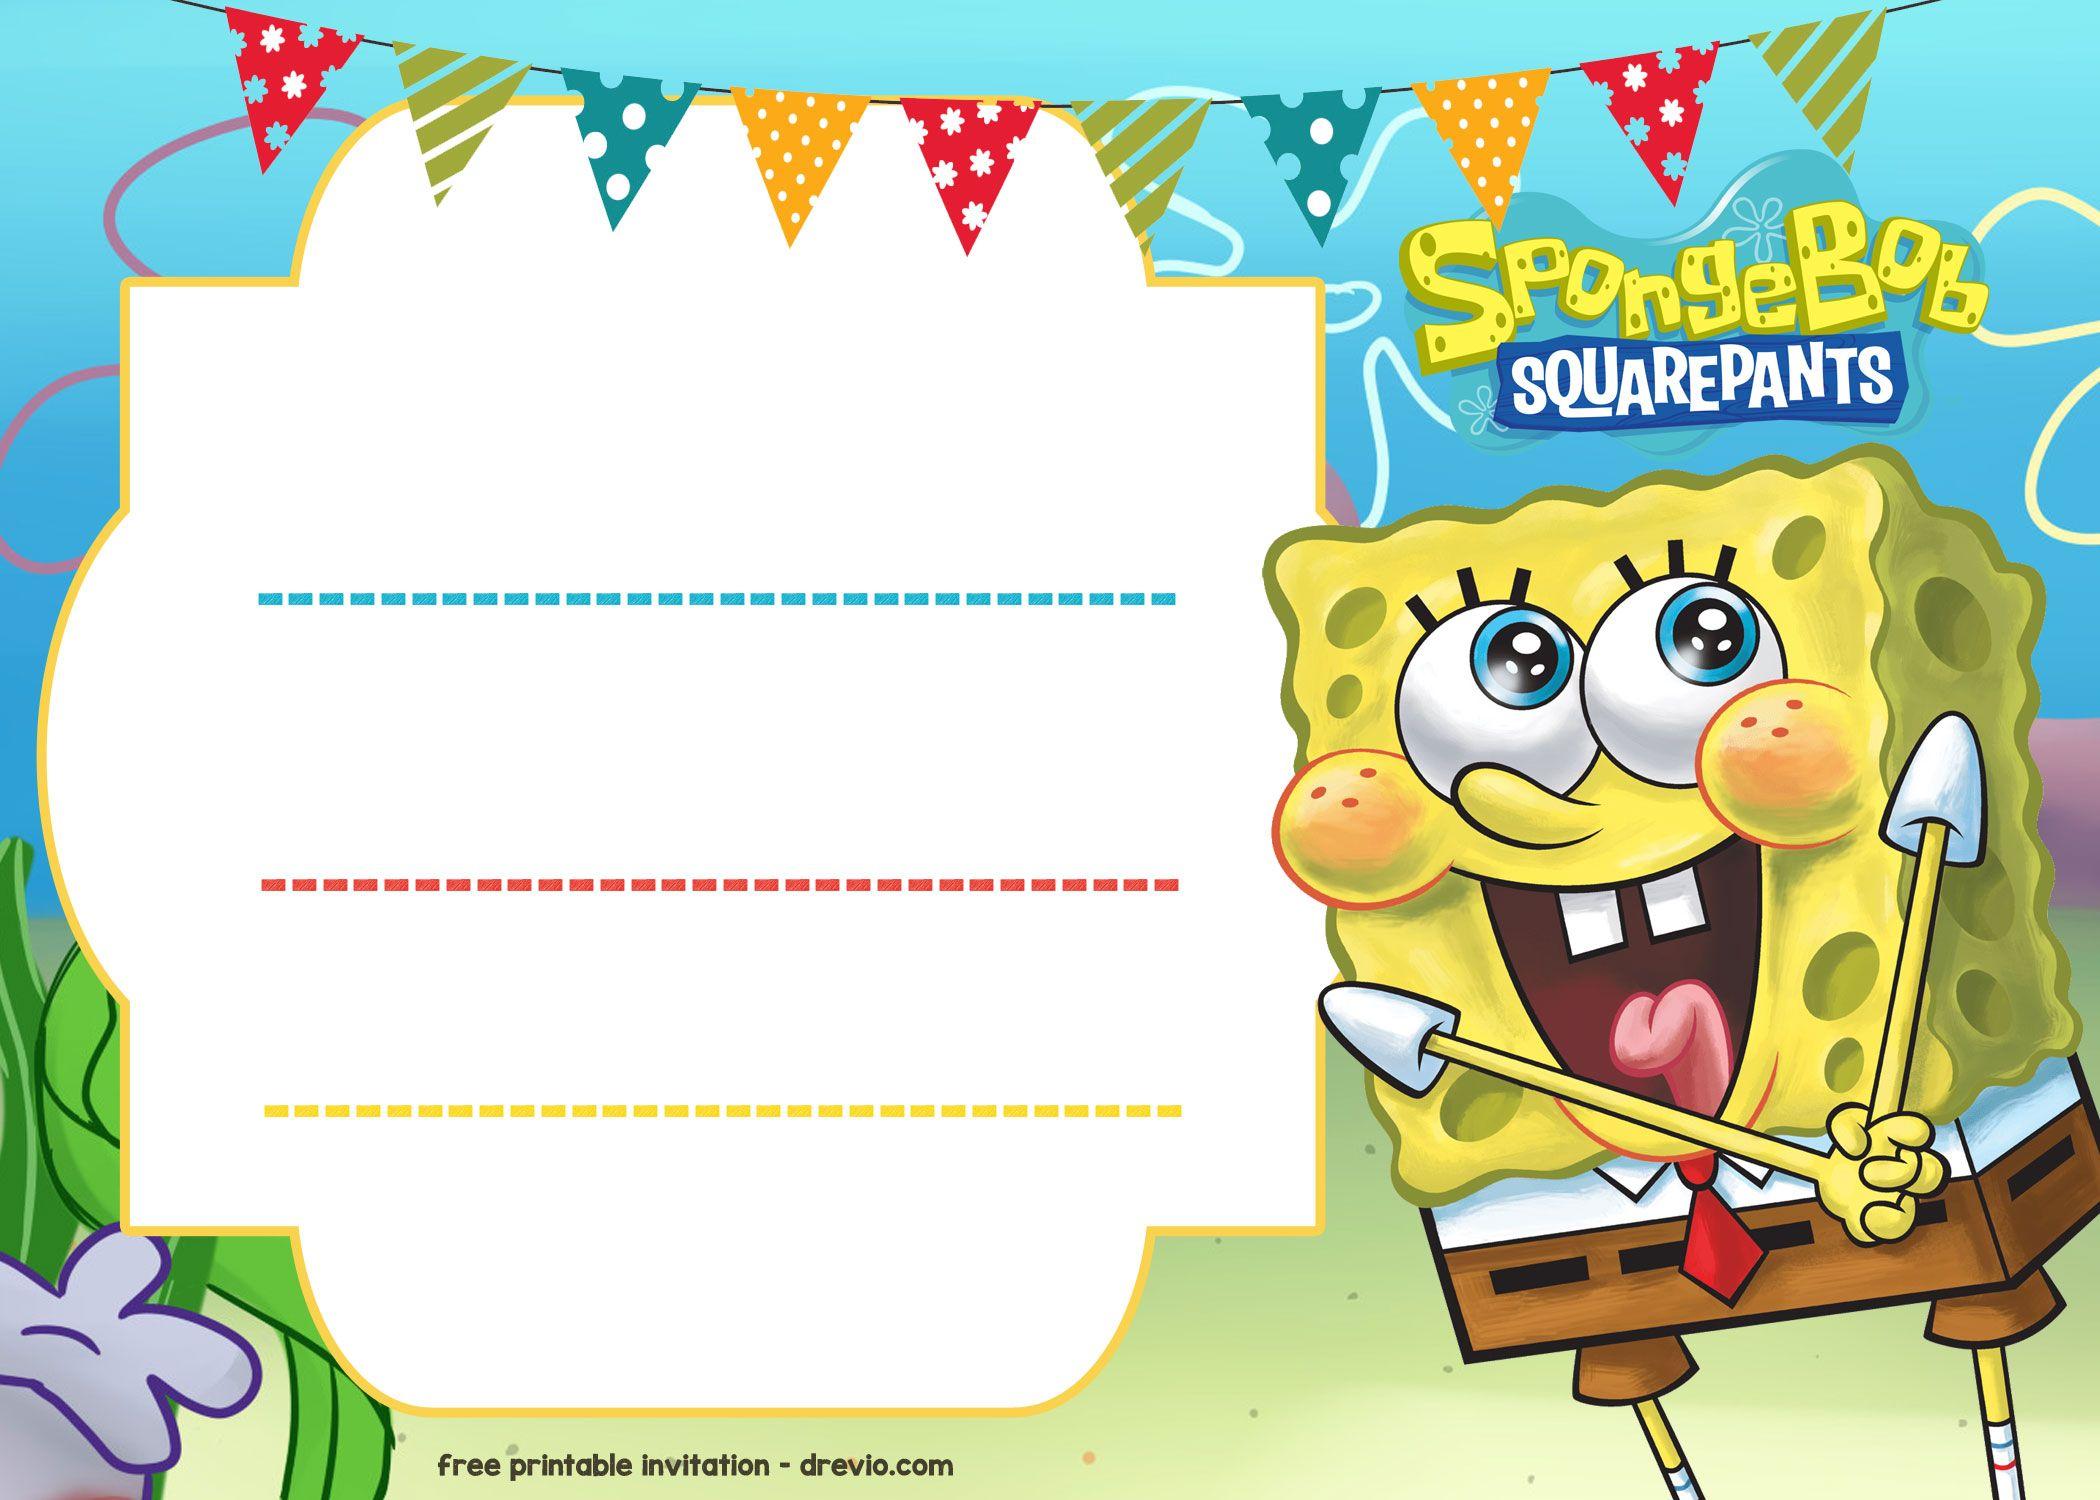 чертежи шаблоны для приглашения на день рождения конструктор оформление